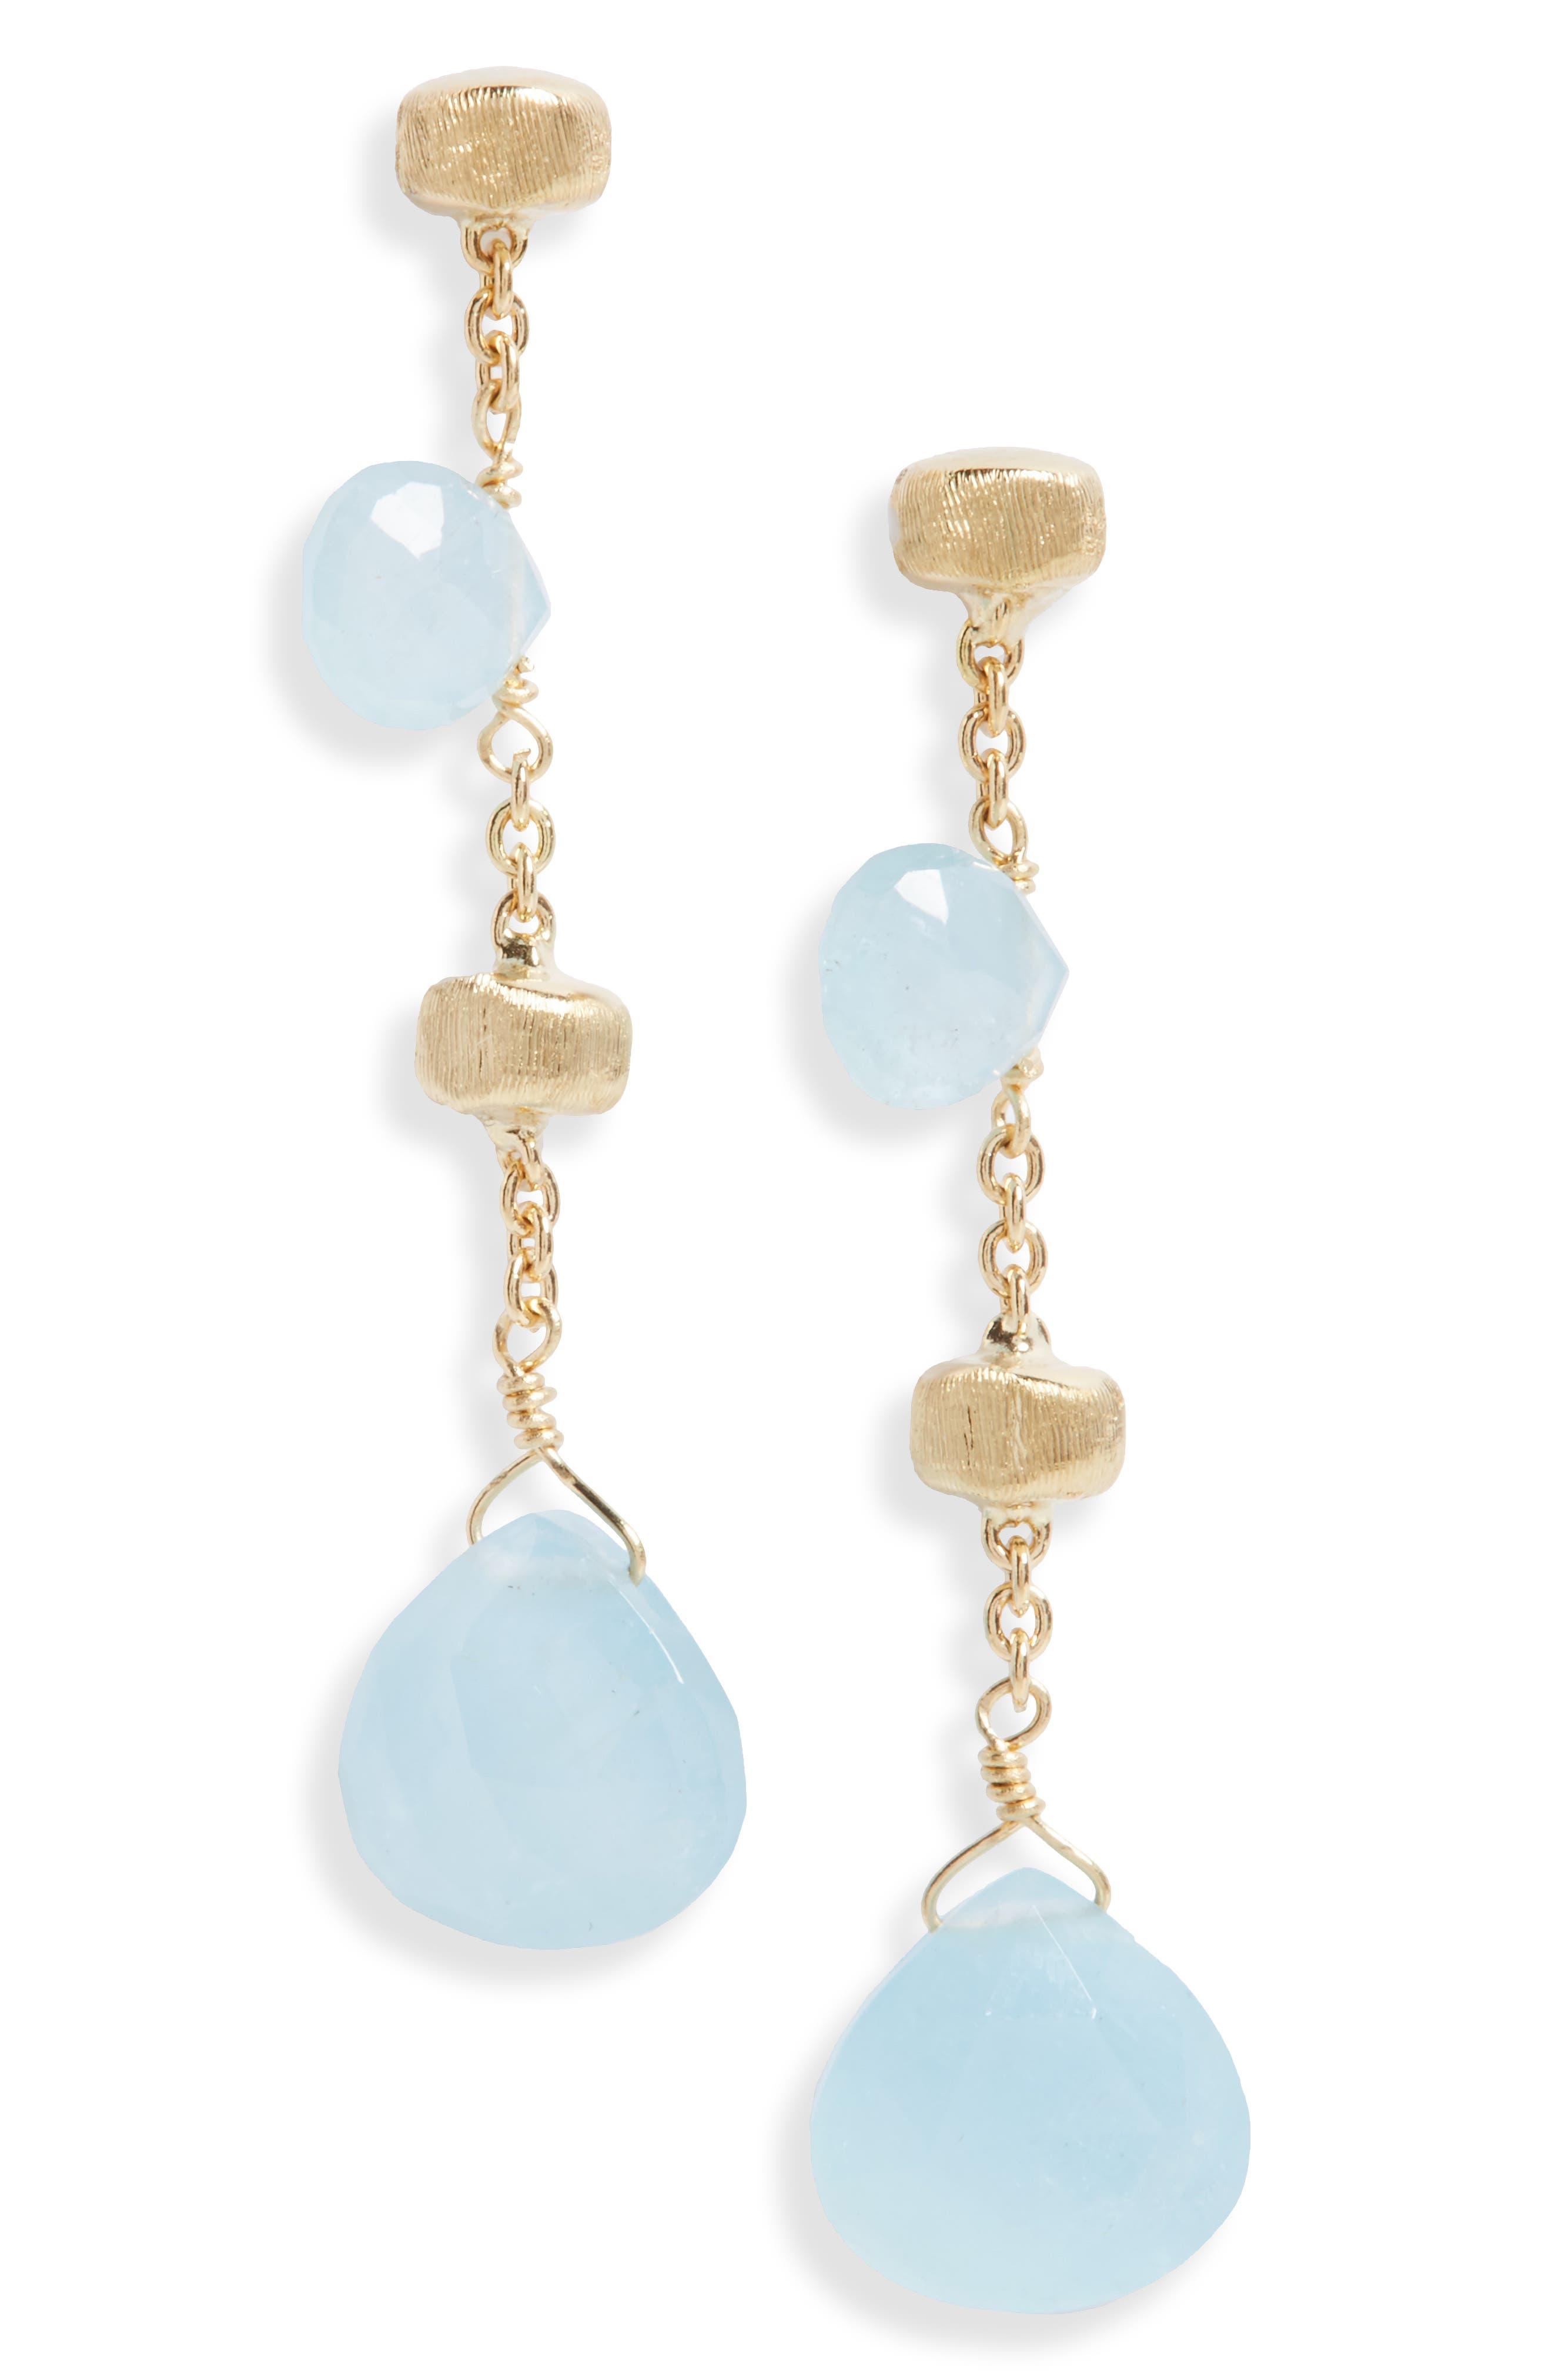 Paradise Semiprecious Stone Linear Drop Earrings,                             Main thumbnail 1, color,                             Yellow Gold/ Aquamarine